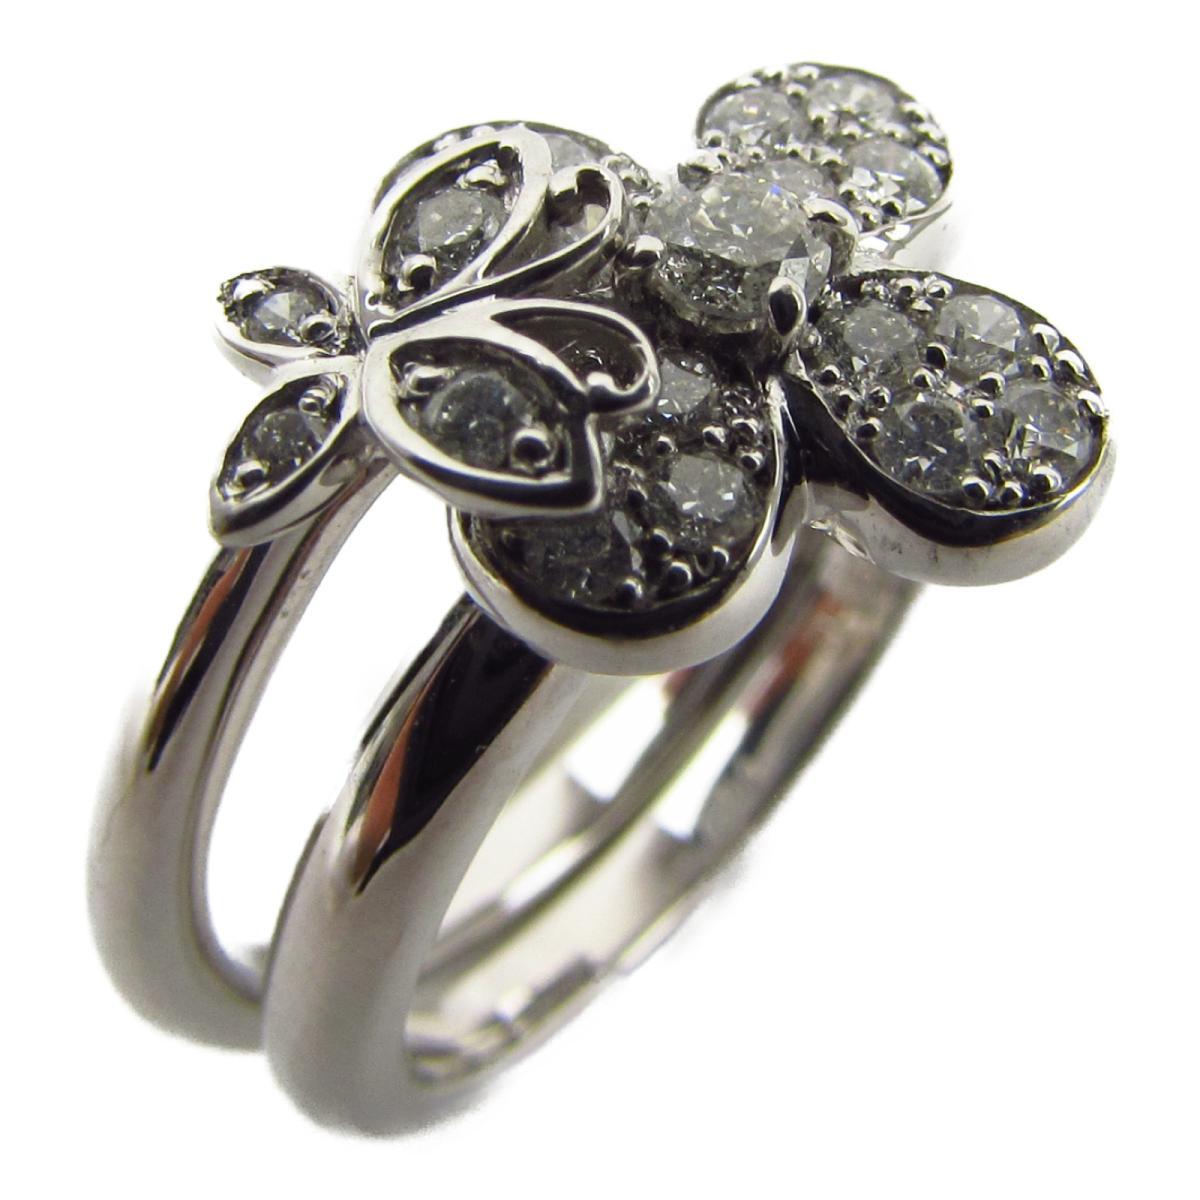 ジュエリー ダイヤモンド リング 指輪 ノーブランドジュエリー レディース K18WG (750) ホワイトゴールド x ダイヤモンド0.32ct 【中古】 | JEWELRY BRANDOFF ブランドオフ アクセサリー